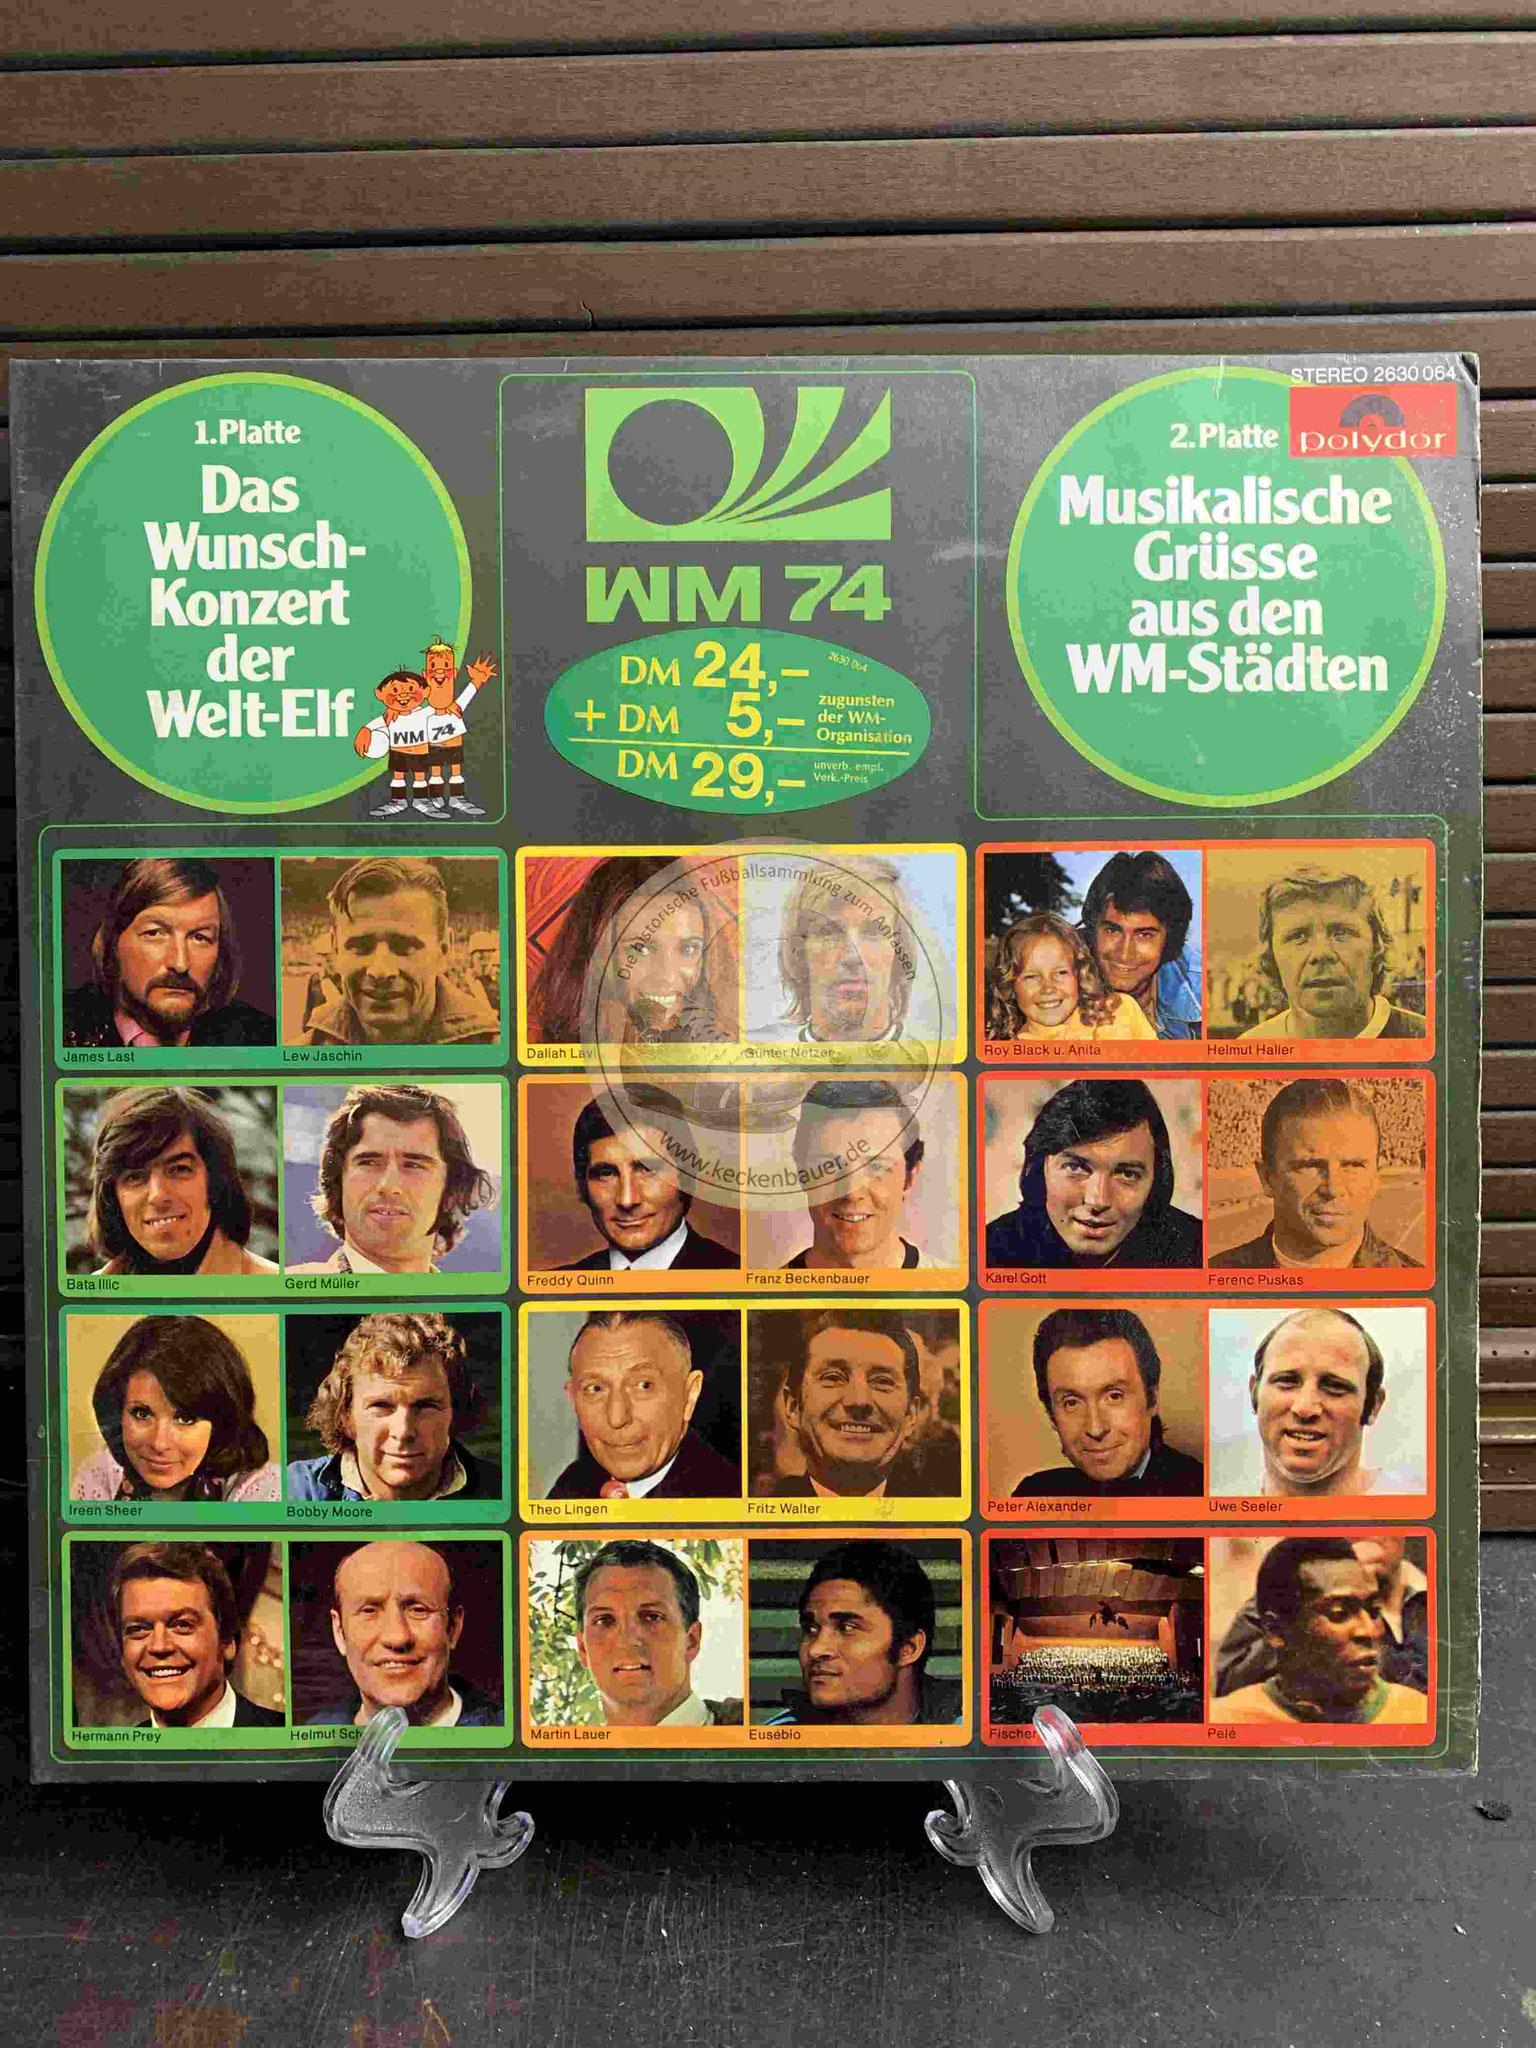 1974 Das Wunschkonzert der Welt-Elf